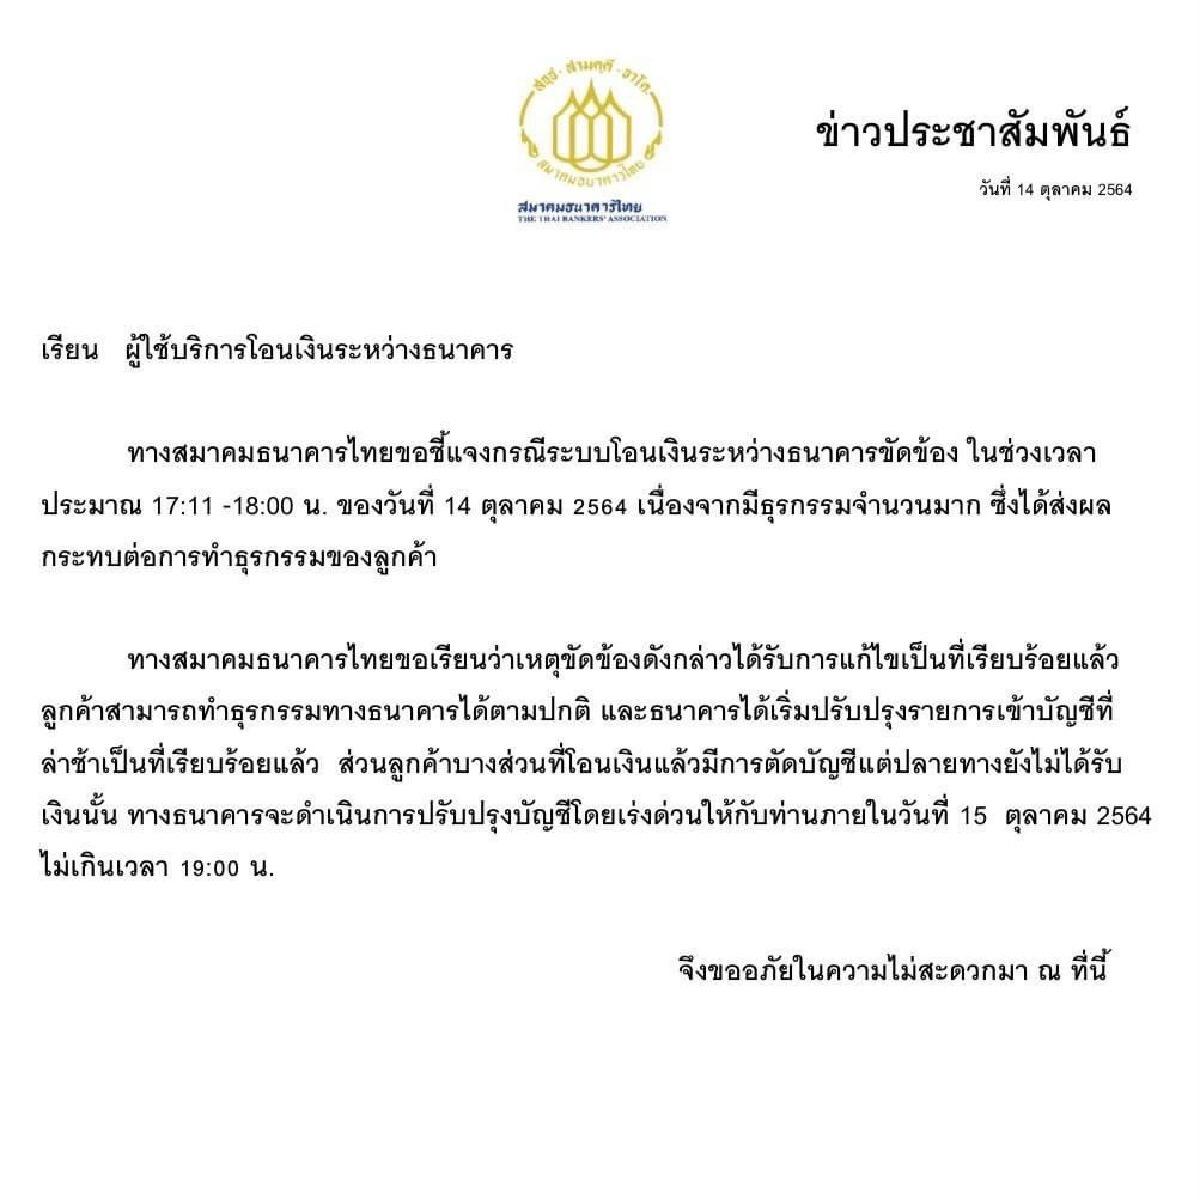 สมาคมธนาคารไทย แจงเหตุโอนเงินขัดข้อง